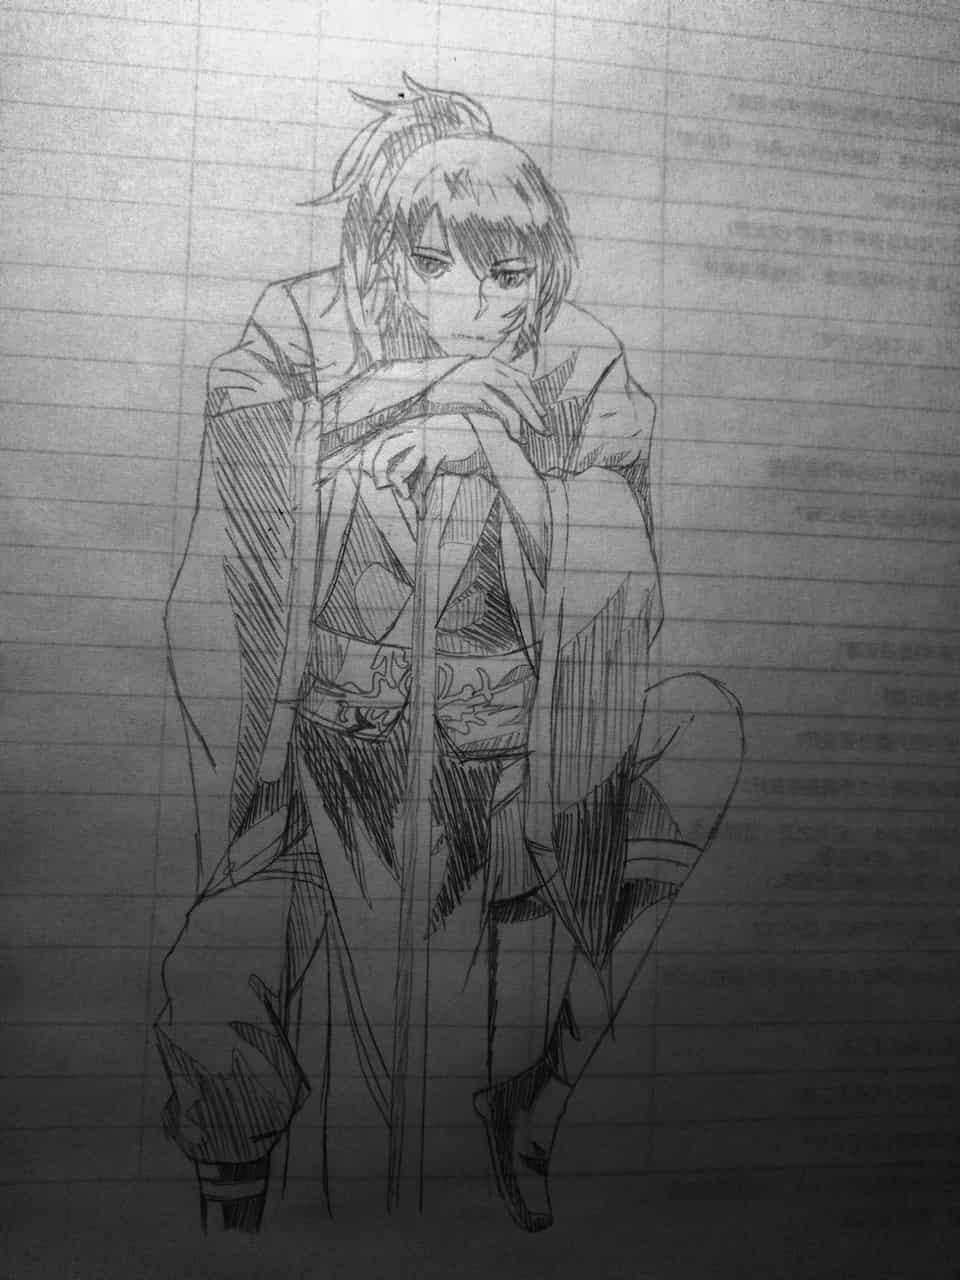 魔道祖師 薛洋 Illust of 御鬼 AnalogDrawing